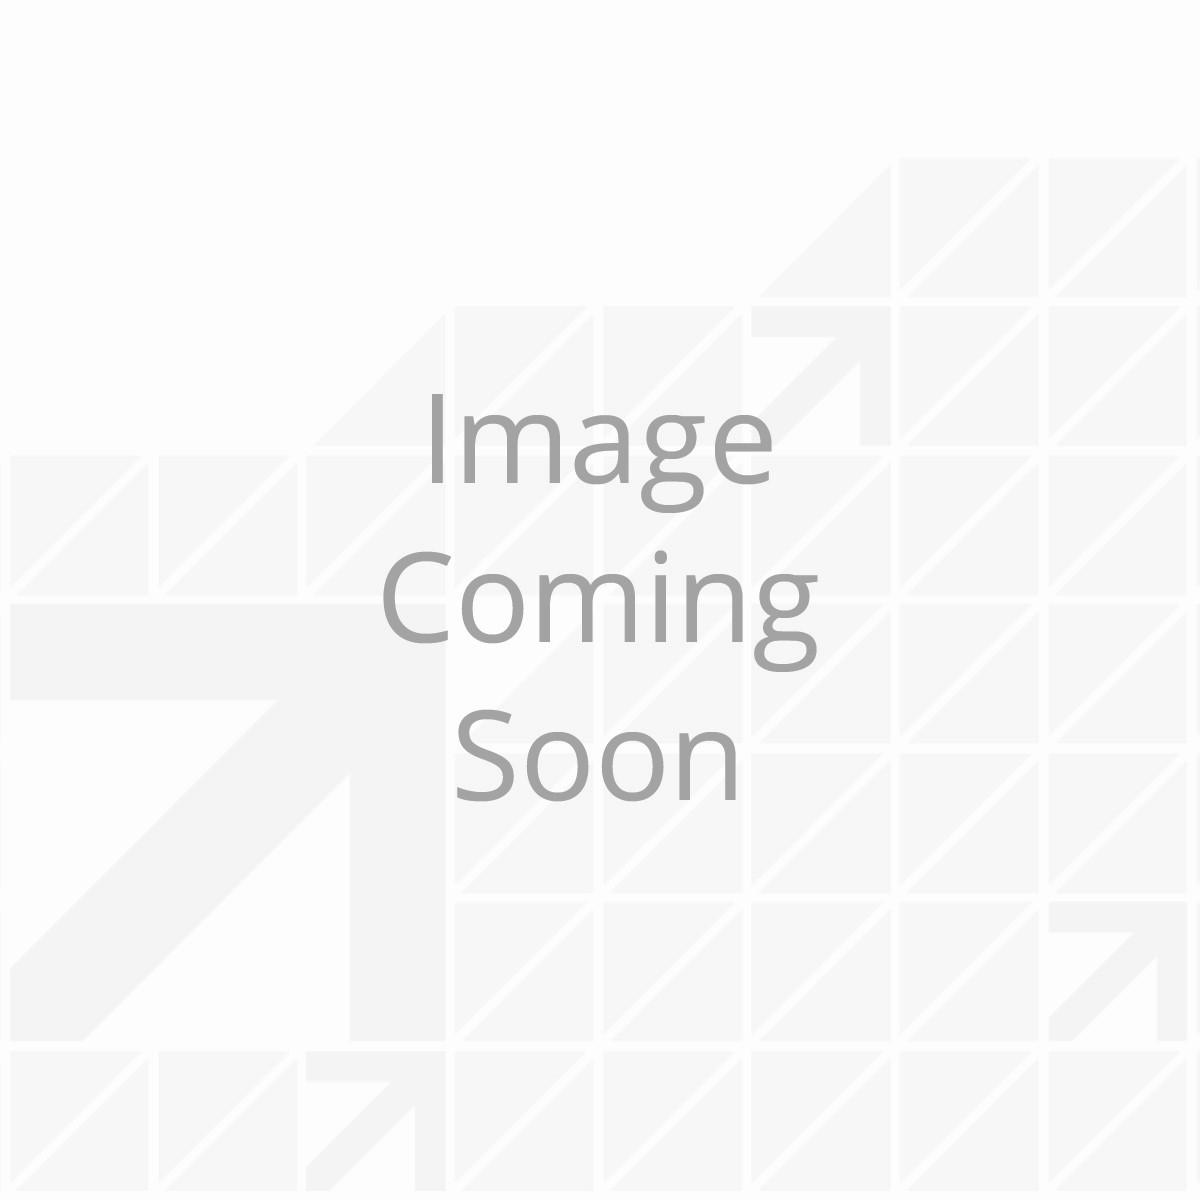 134581_Lug-Nut_001